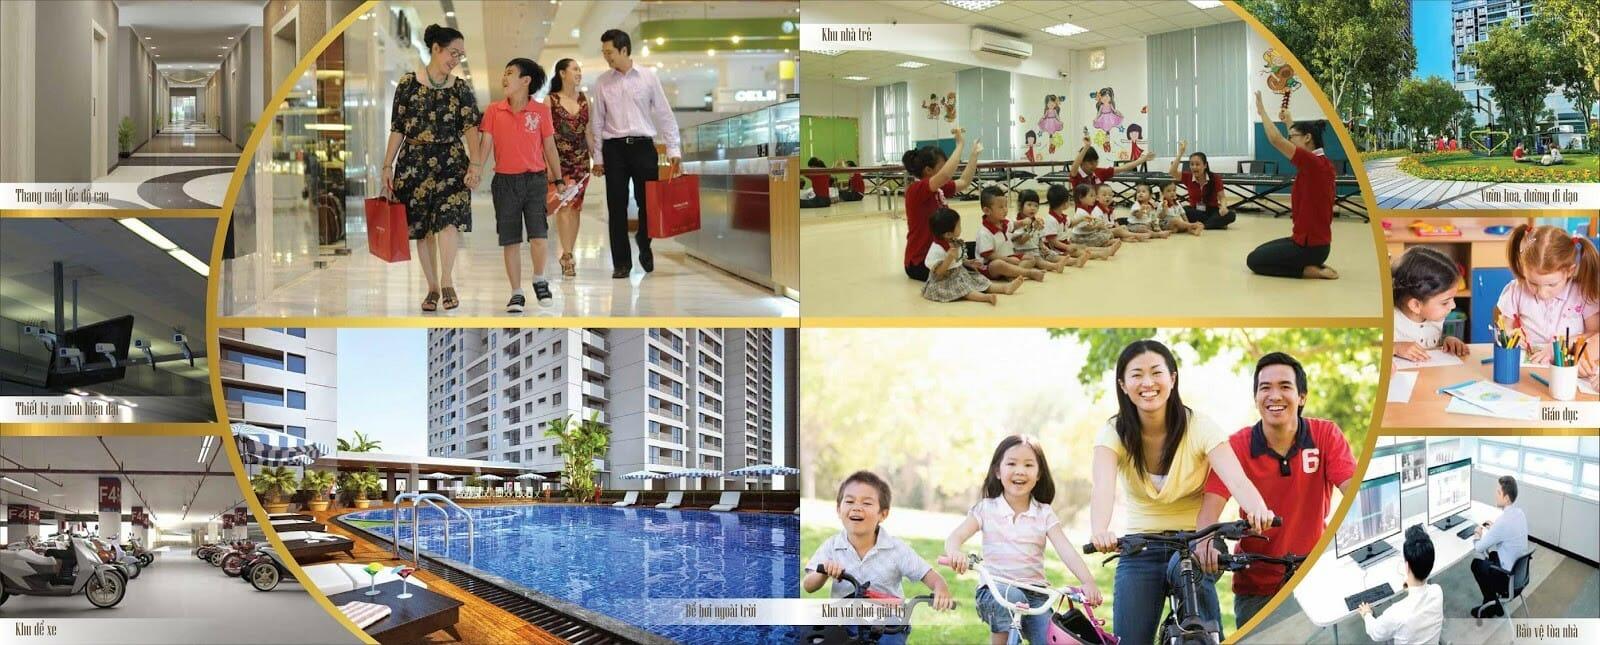 Cho thuê căn hộ chung cư 1050 Chu Văn An khoảng cách rút ngắn sống đích thực